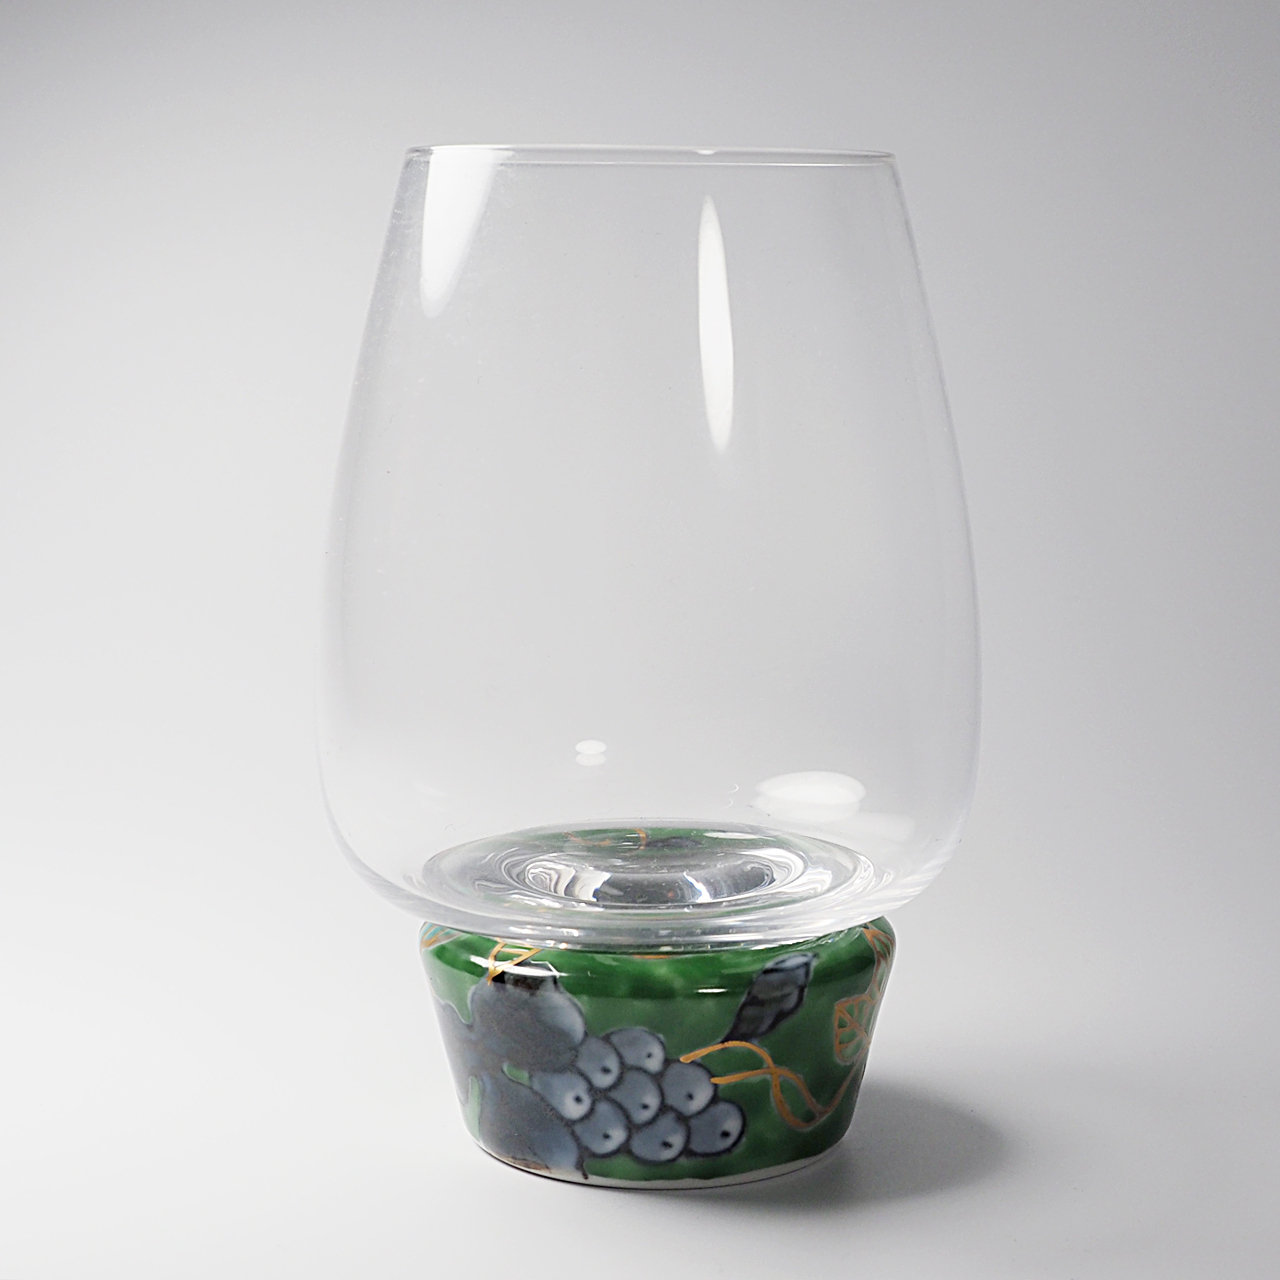 ゆらりんグラス (染錦葡萄グリーン) 20-005-C